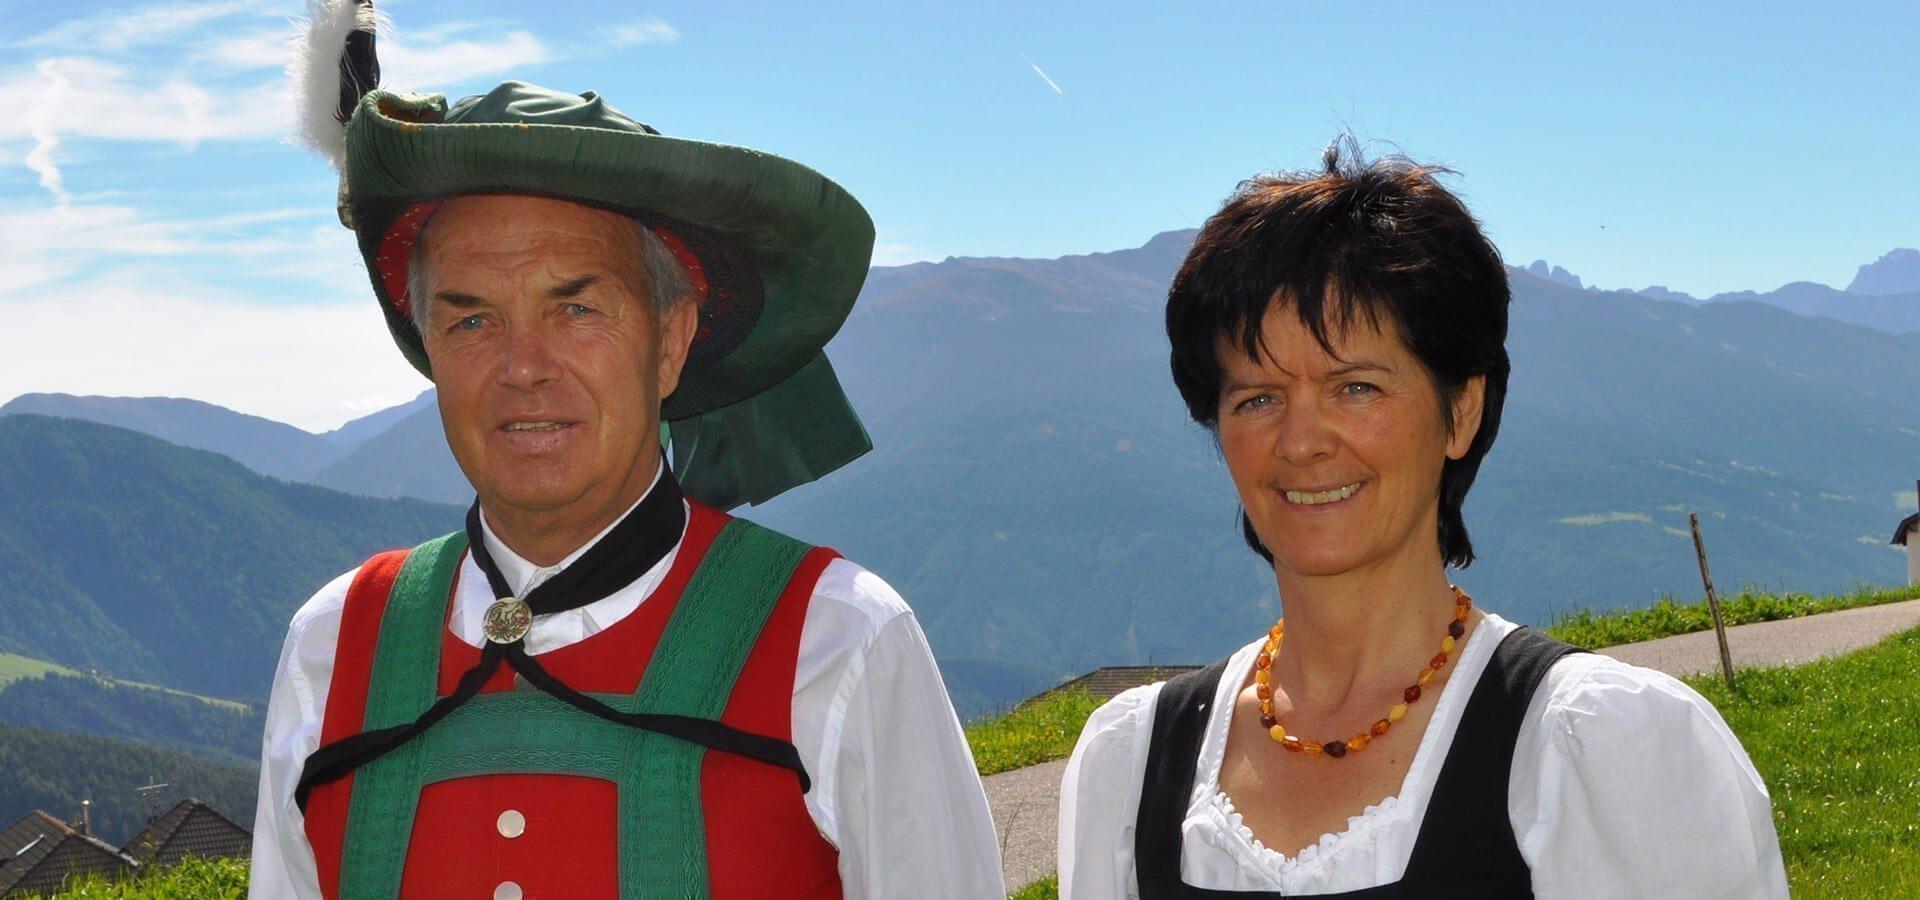 Gastgeber | Helga & Luis Fischnaller